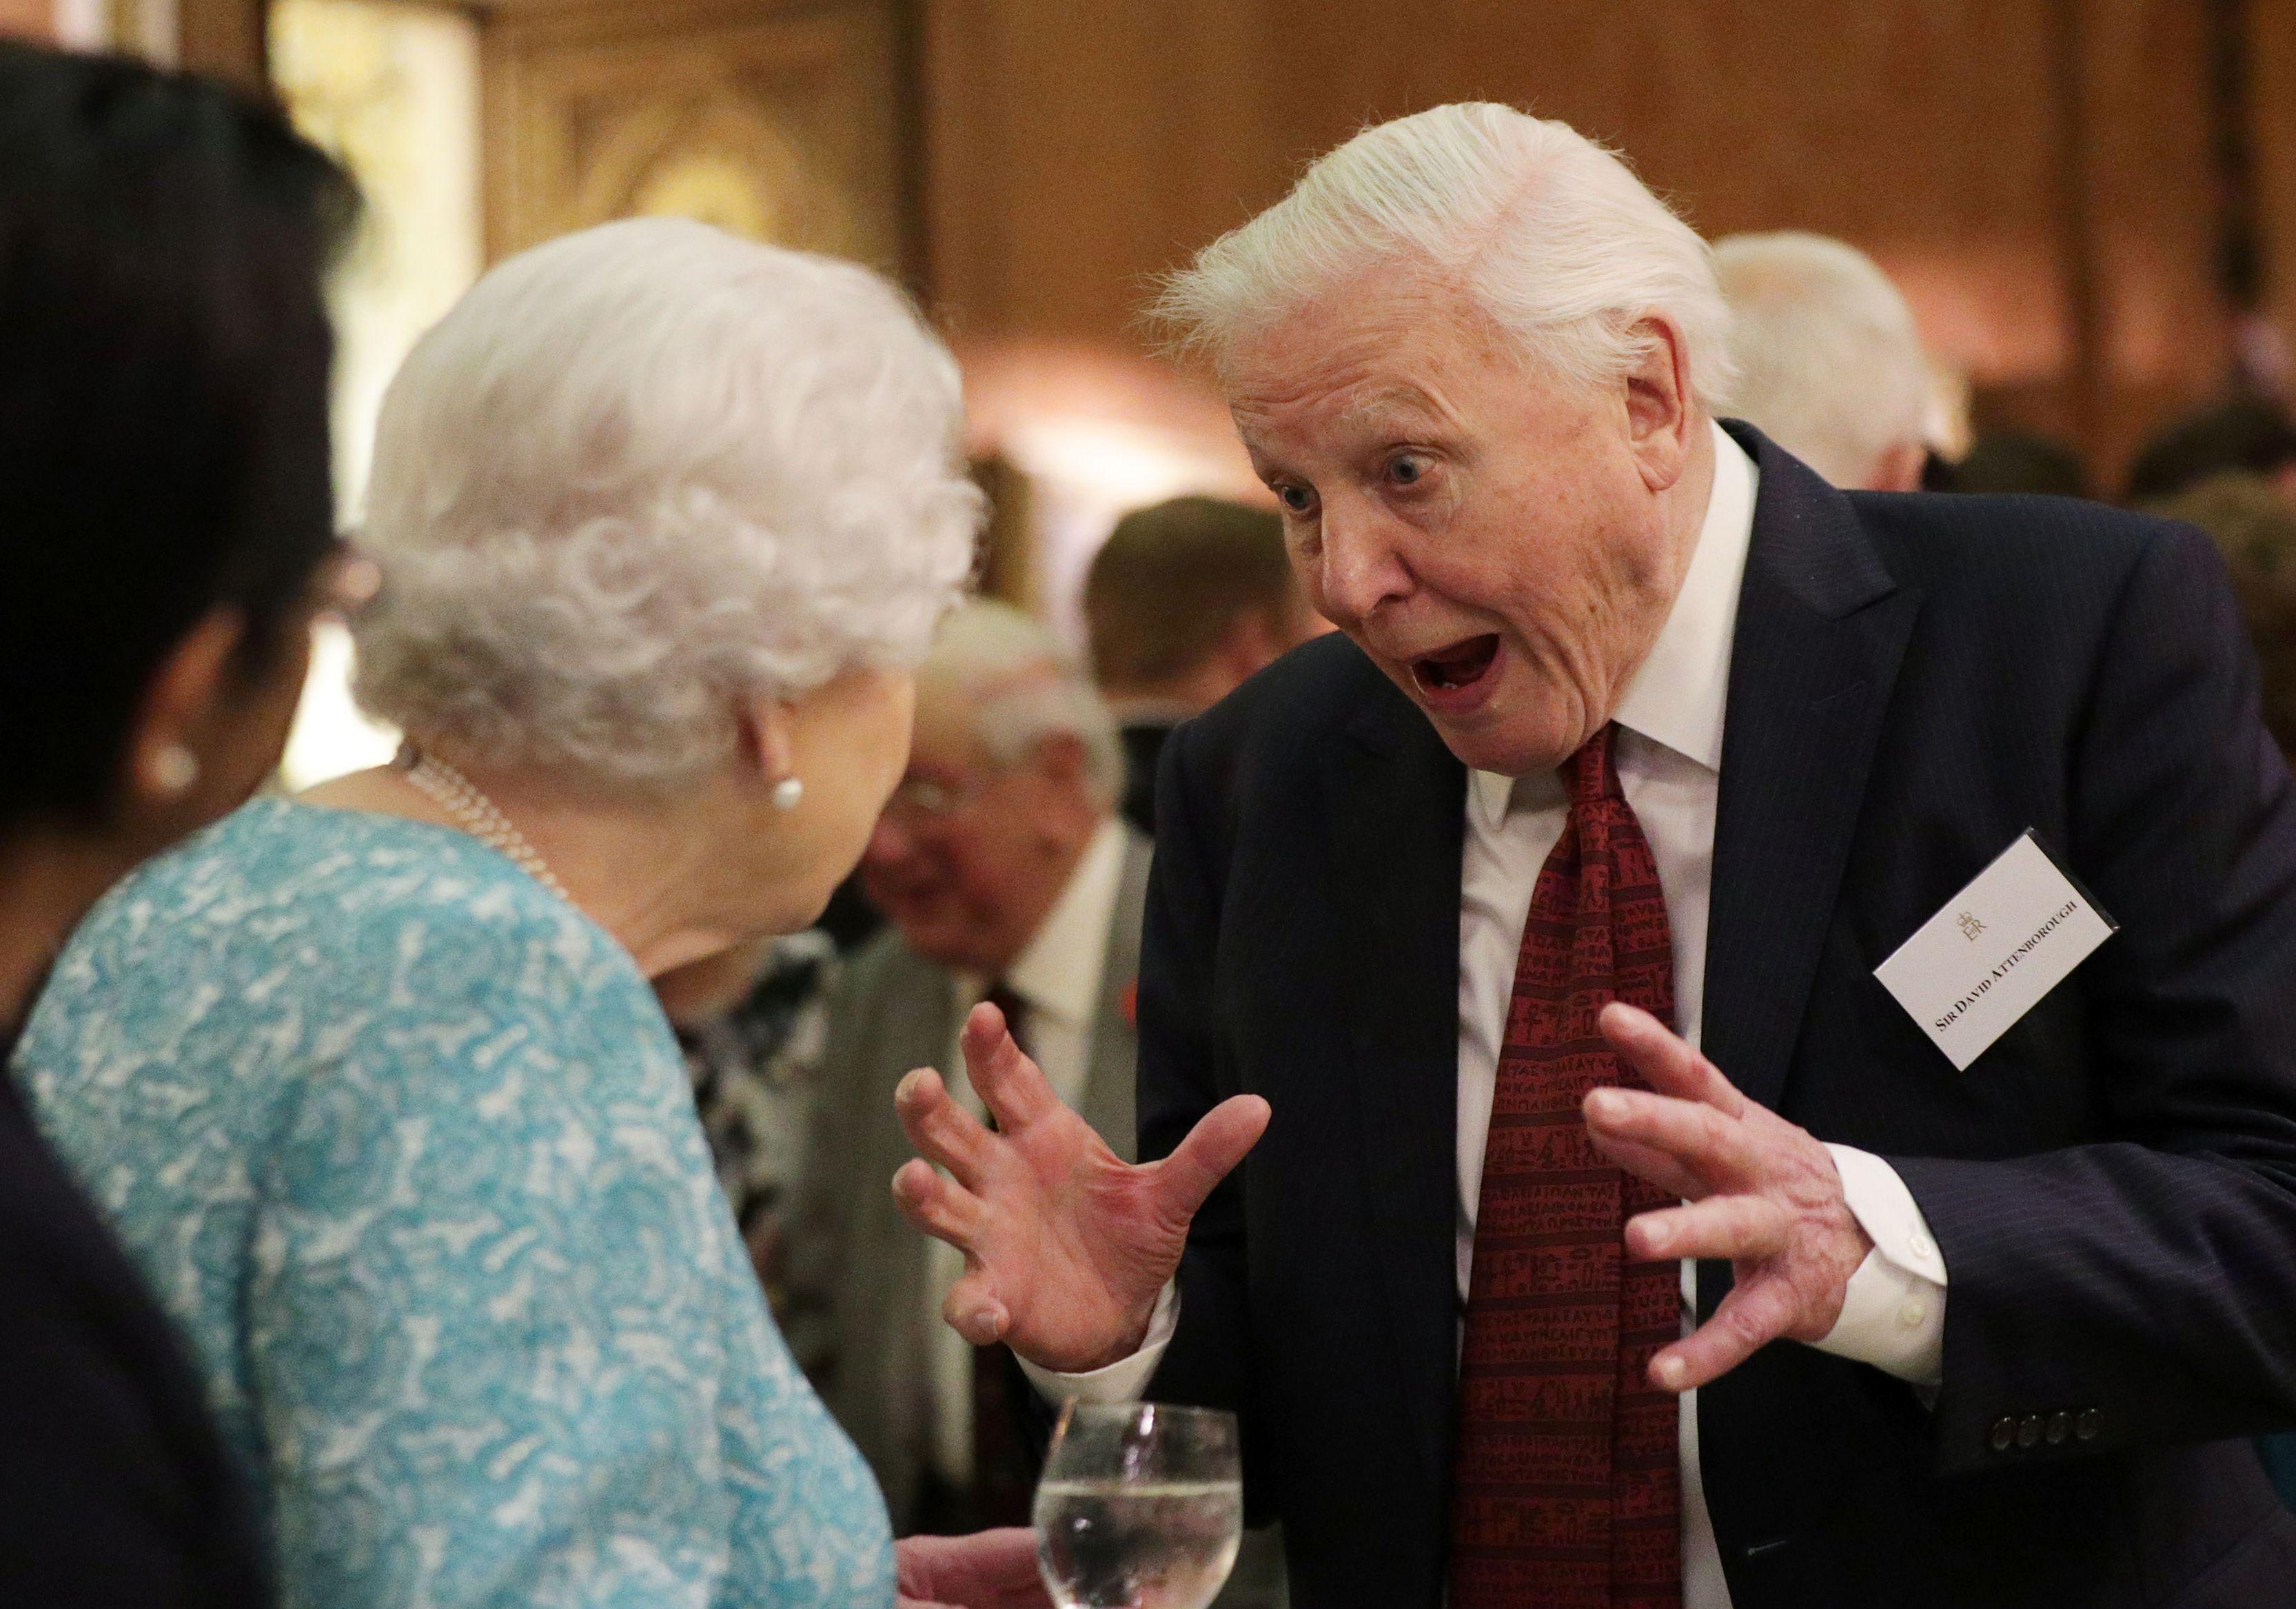 David Attenborough The Queen Hosts A Reception